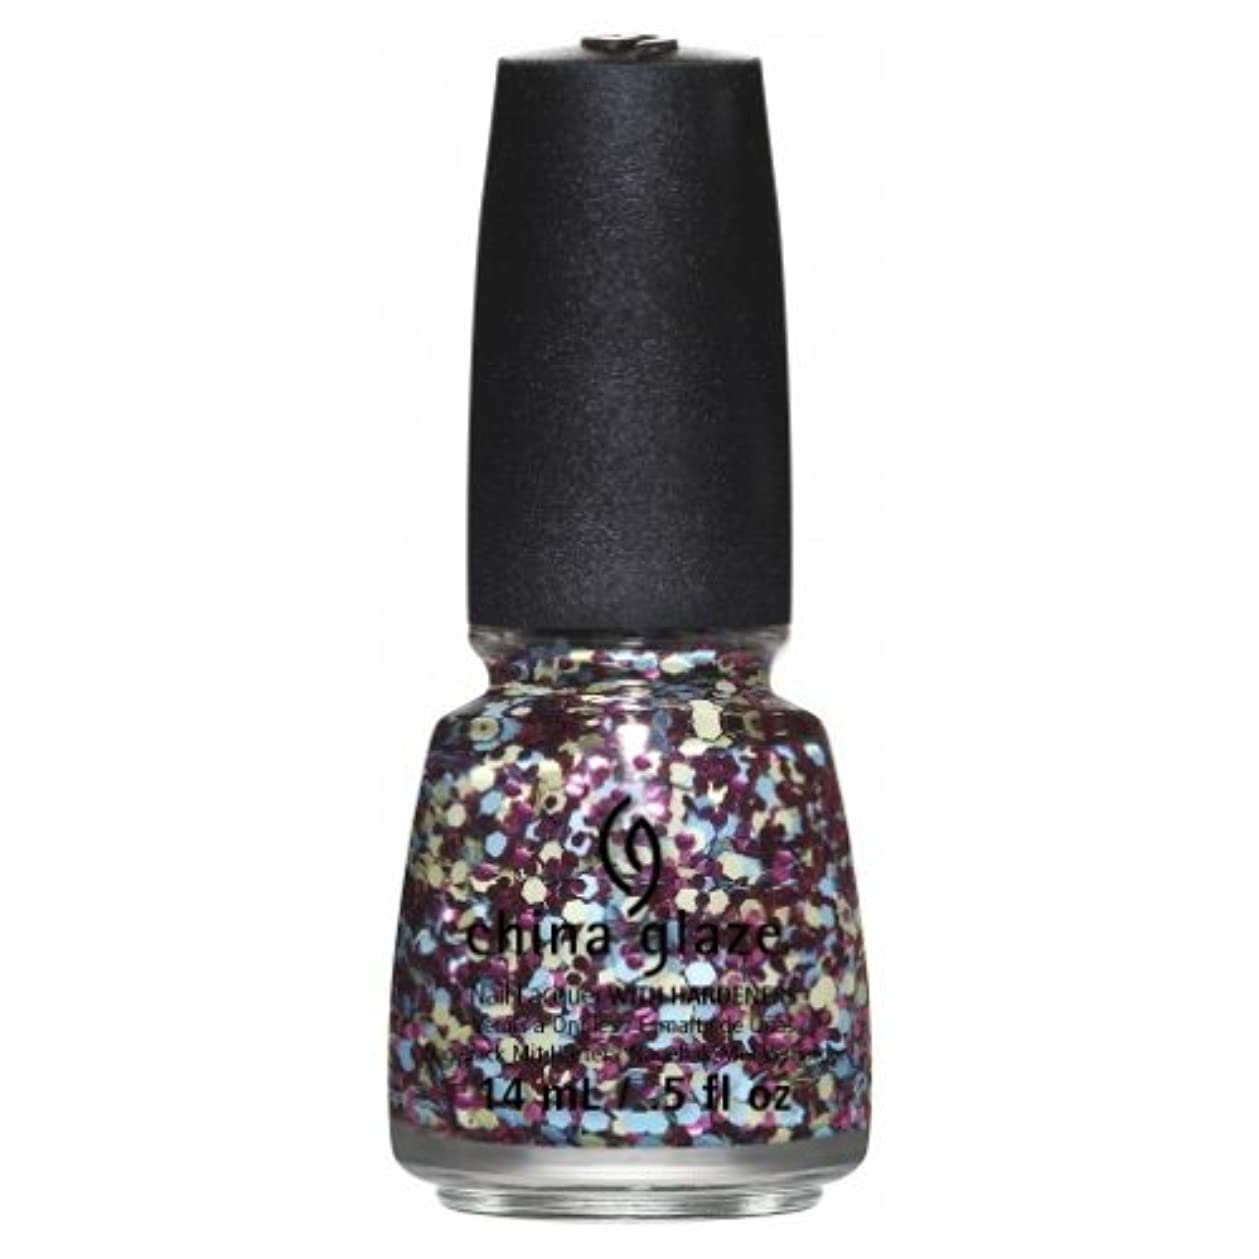 力強い落胆した郵便屋さん(6 Pack) CHINA GLAZE Nail Lacquer - Suprise Collection - I'm A Go Glitter (並行輸入品)